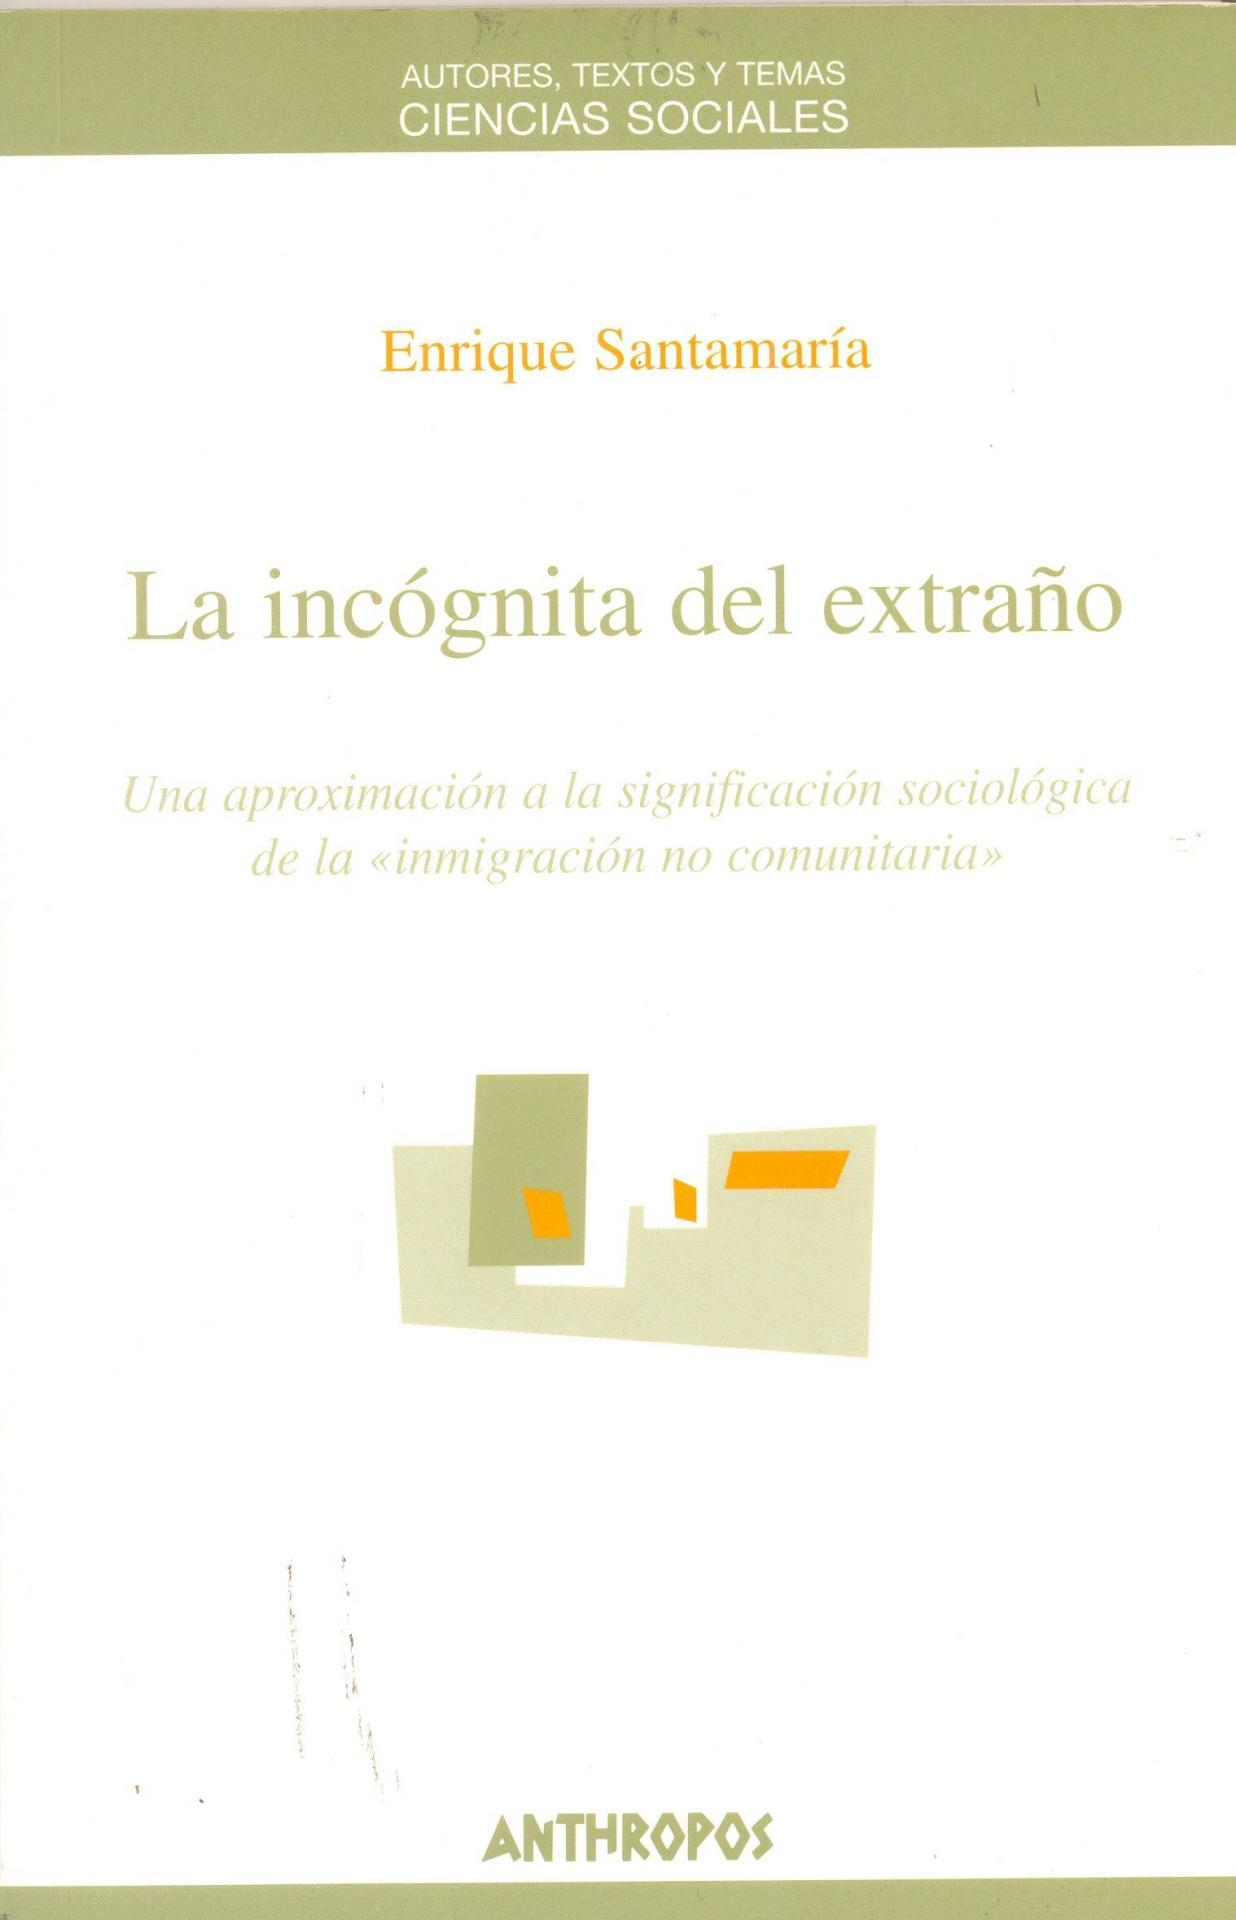 """LA INCÓGNITA DEL EXTRAÑO. Una aproximación a la significación sociológica de la """"inmigración no comunitaria"""". Santamaría, E."""